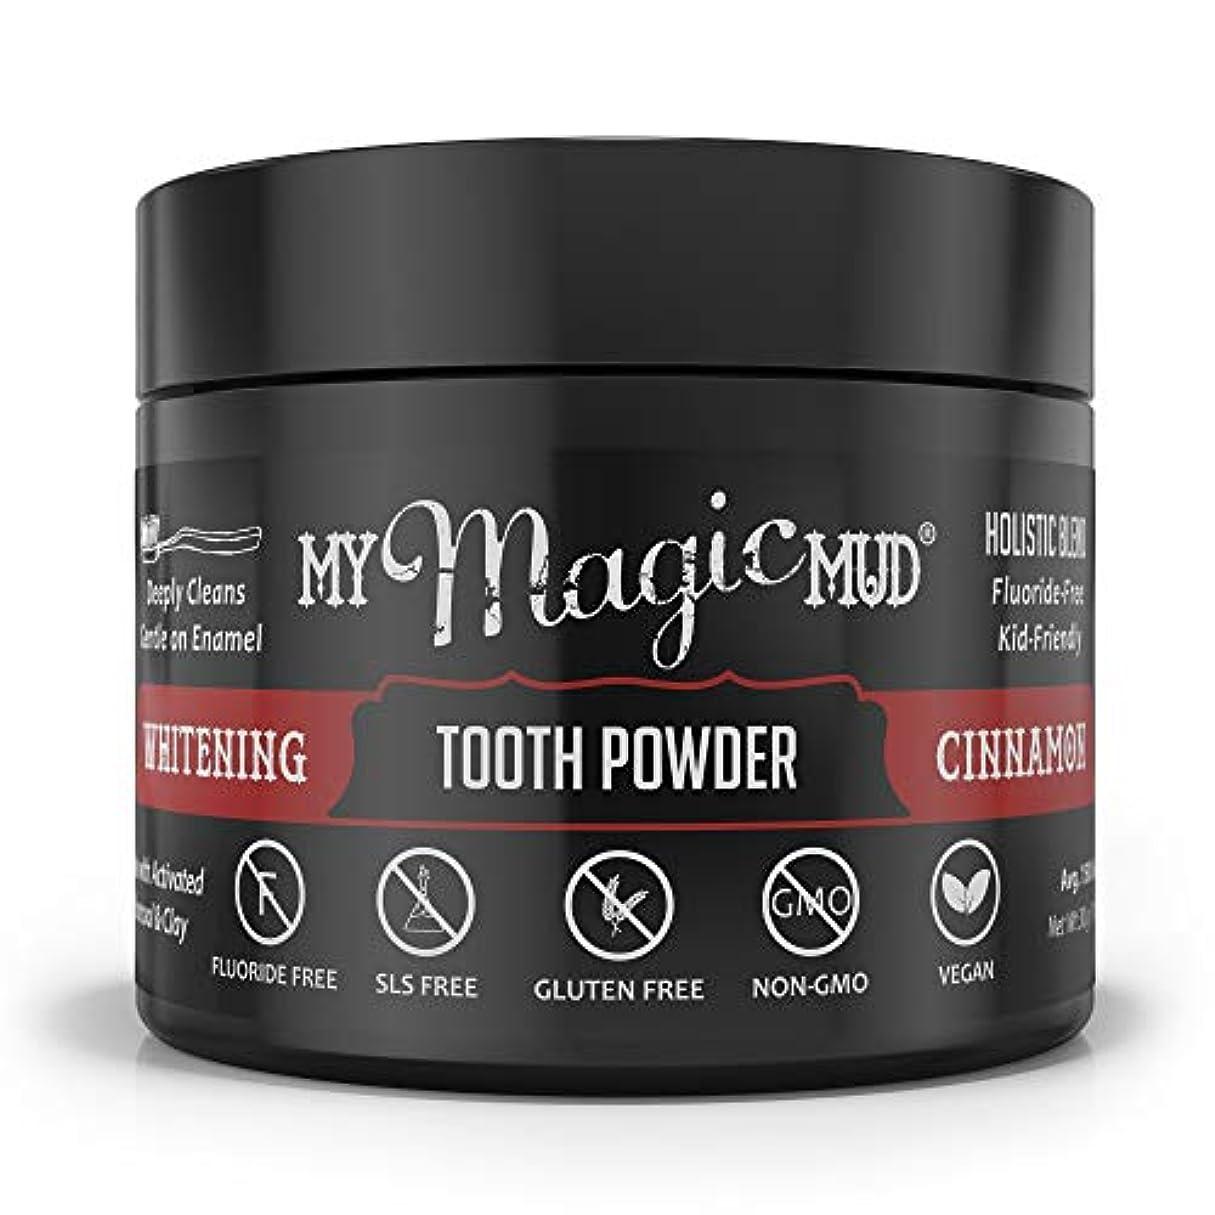 等しい主権者透明にMy Magic Mud Activated Charcoal Whitening Tooth Powder - Cinnamon 30g/1.06oz並行輸入品